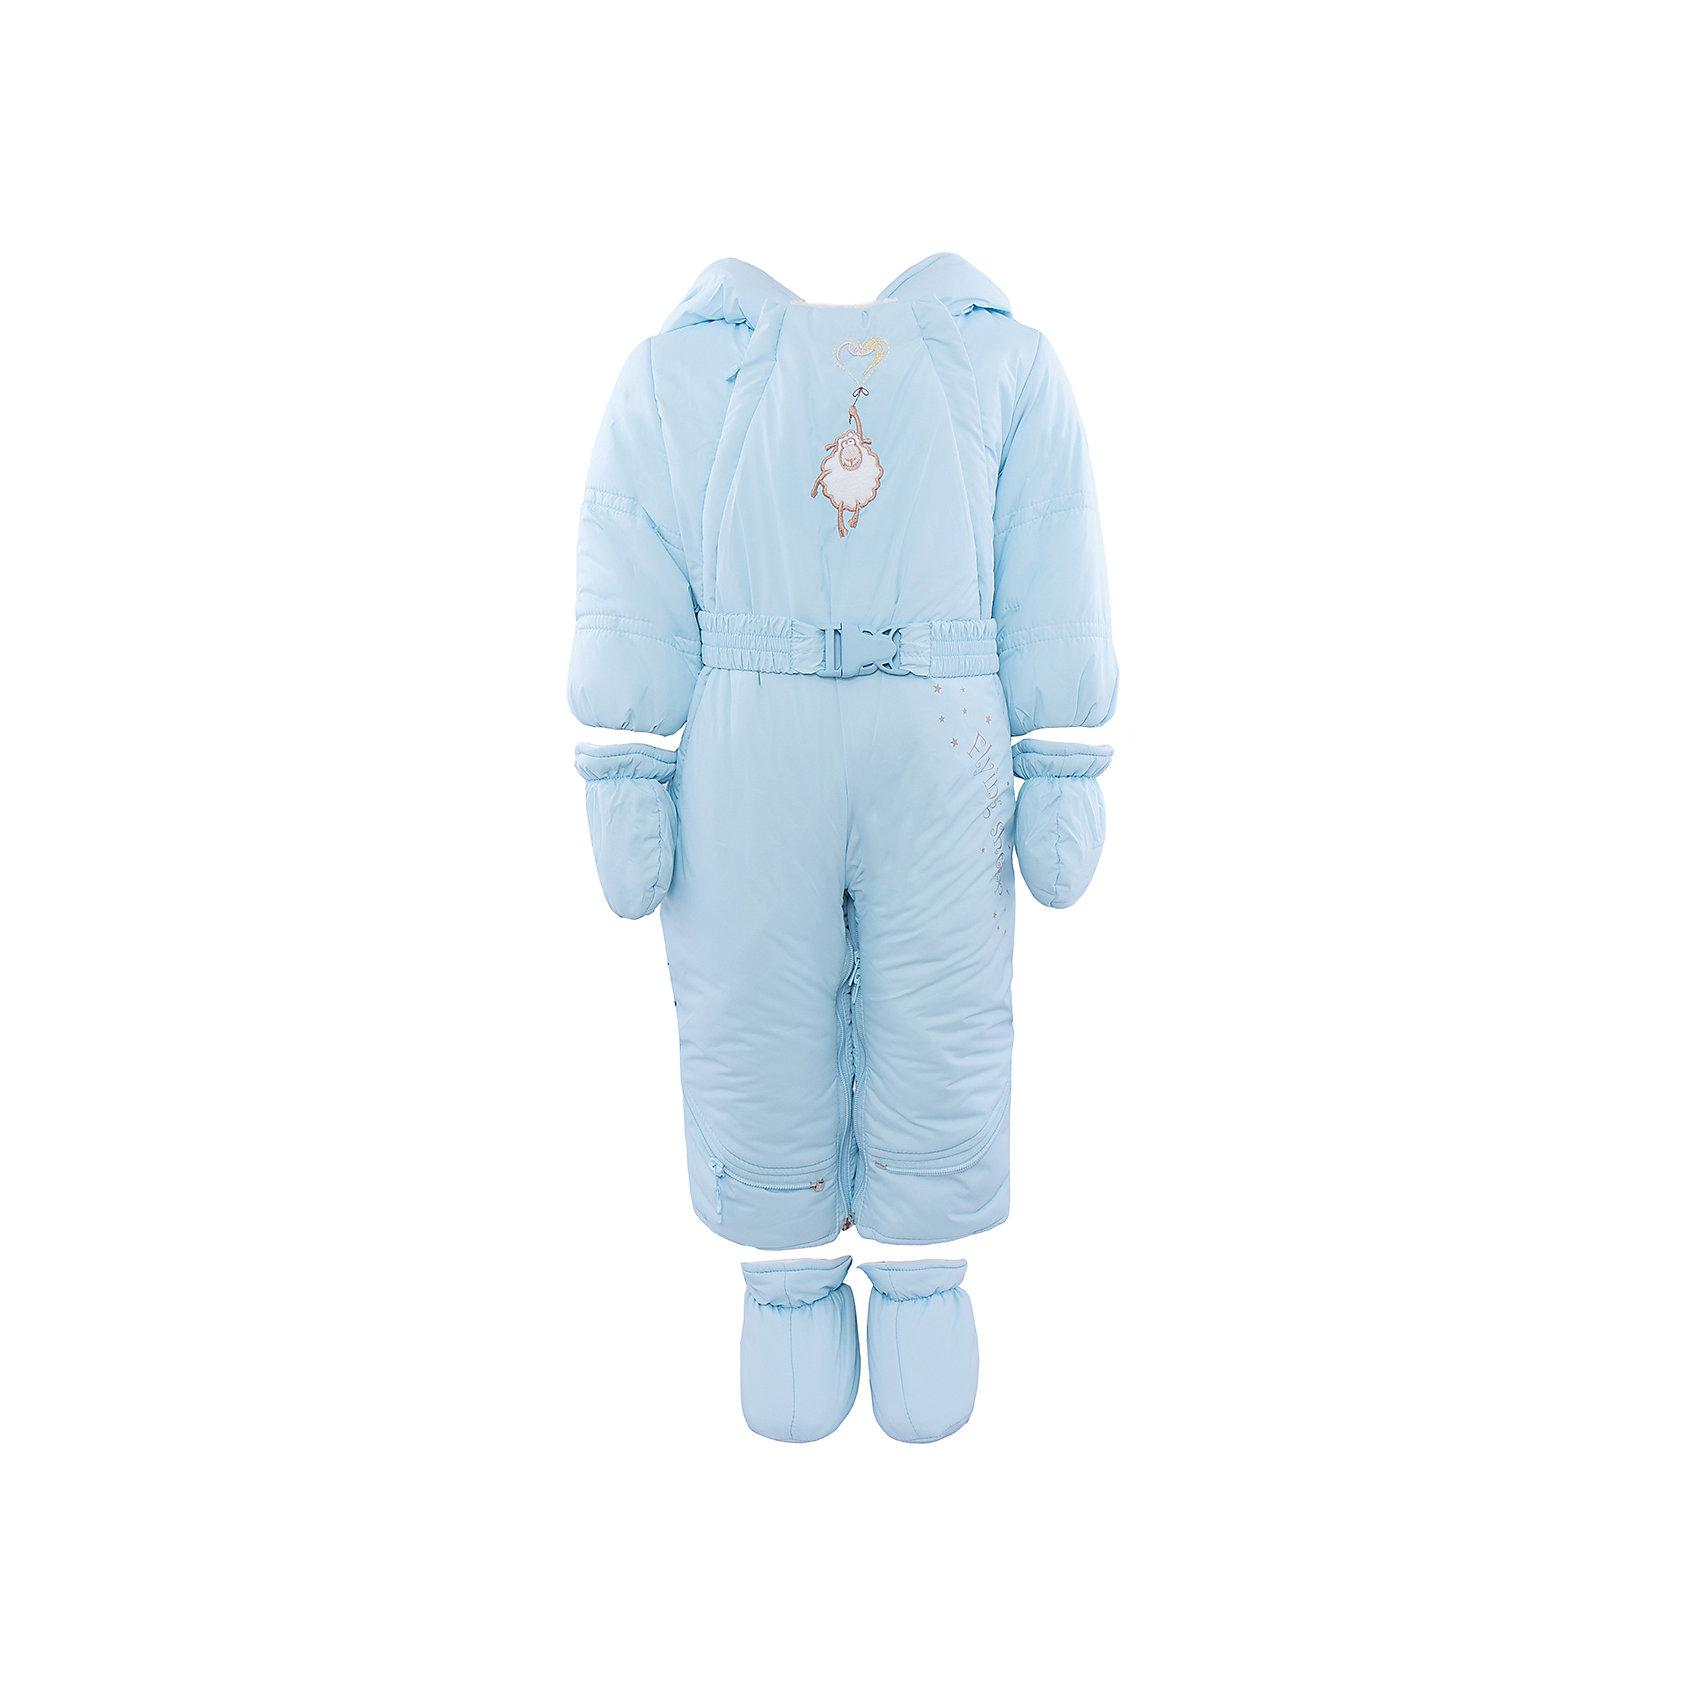 Артель Комбинезон-трансформер для мальчика Артель костюма снеговика для мальчика на авито